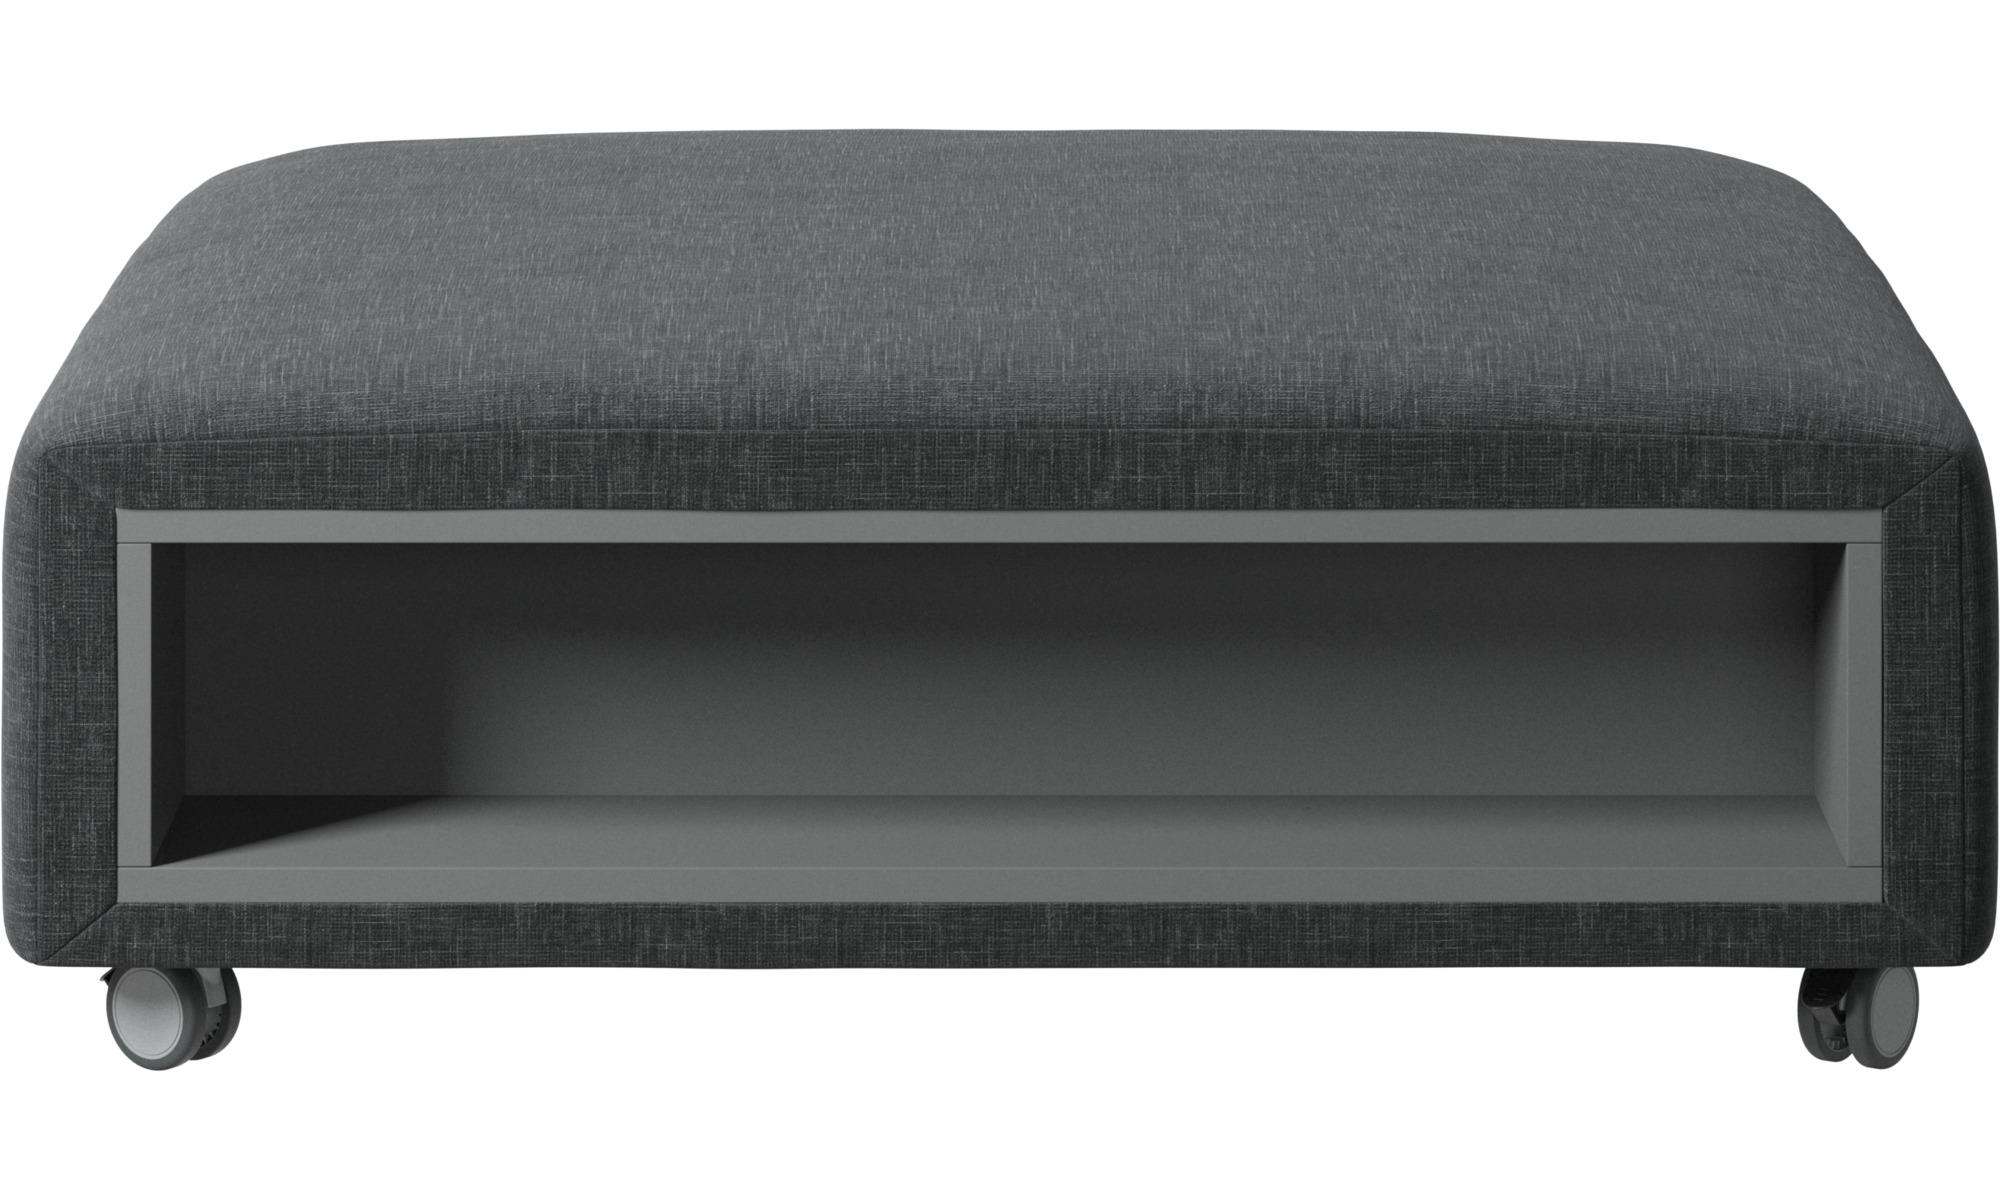 sofa hocker hampton pouf mit rollen und stauraum auf linker und rechter seite boconcept. Black Bedroom Furniture Sets. Home Design Ideas